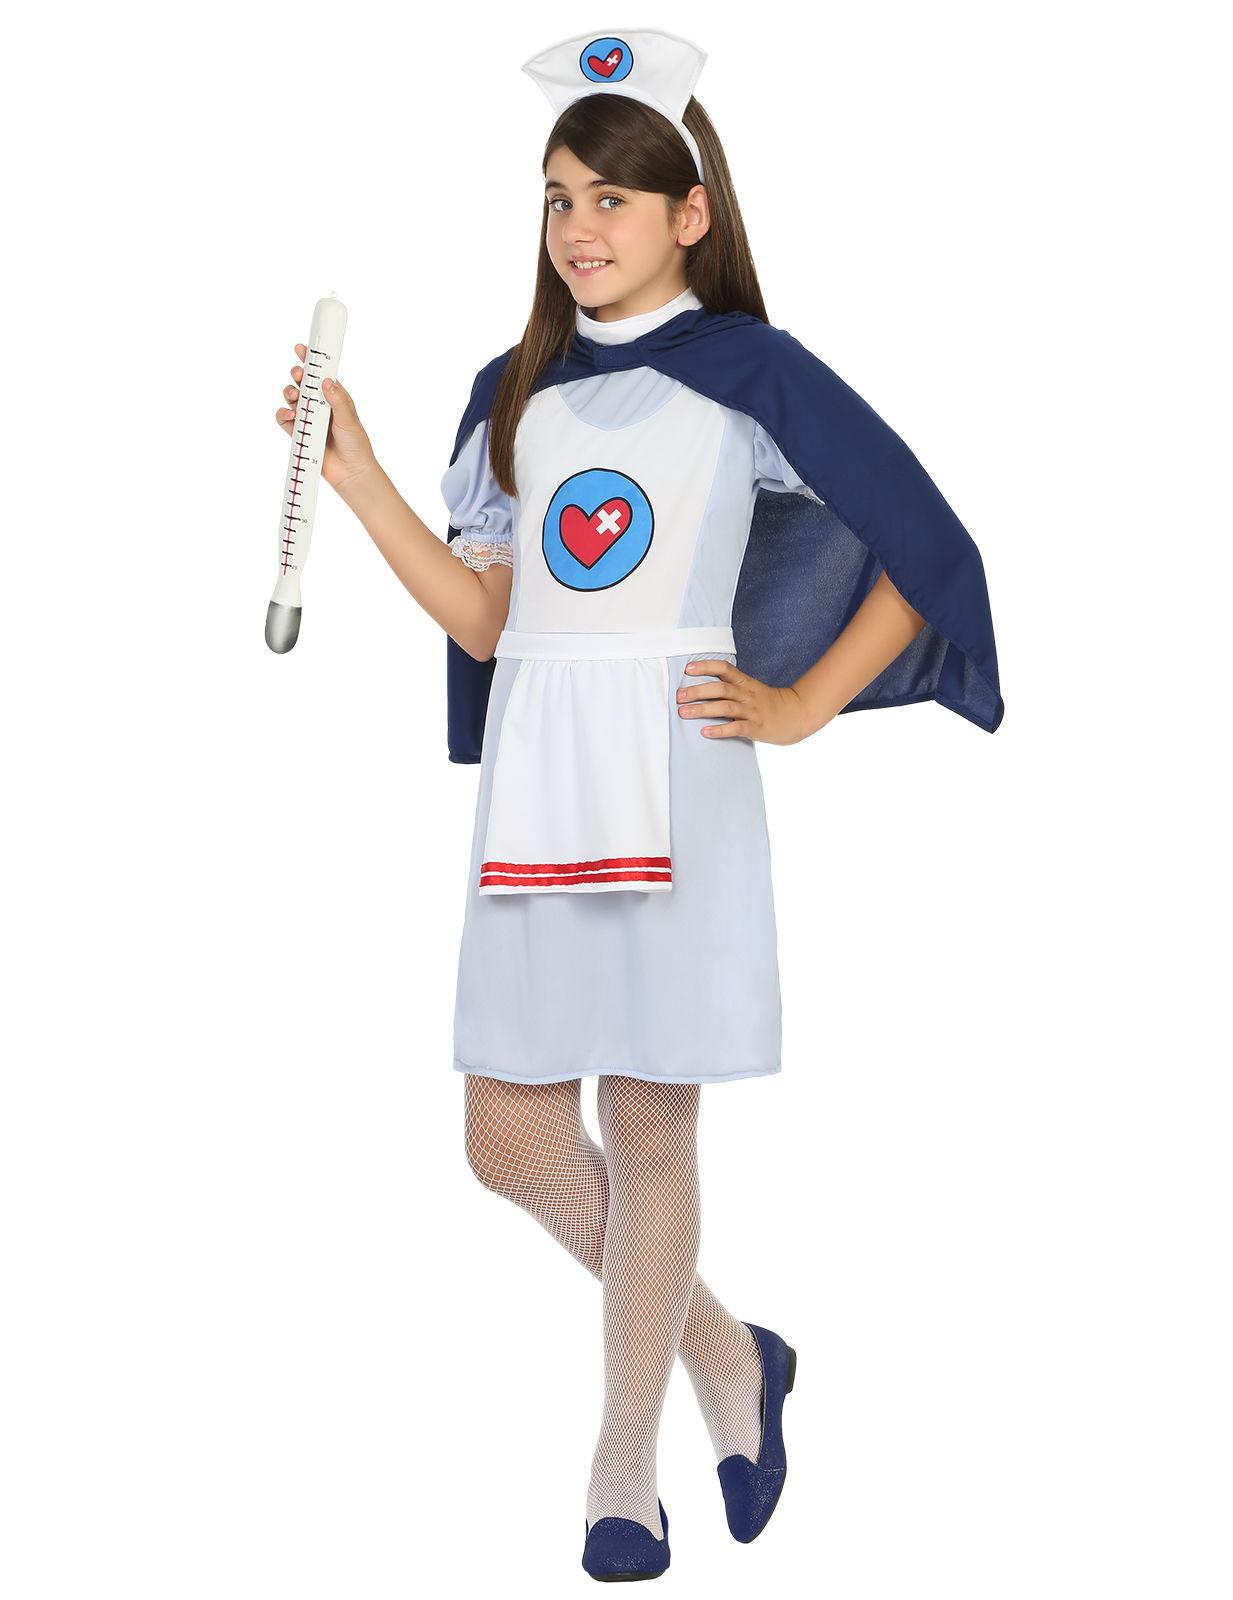 Krankenschwester Arztin Kostum Fur Madchen Kostume Fur Kinder